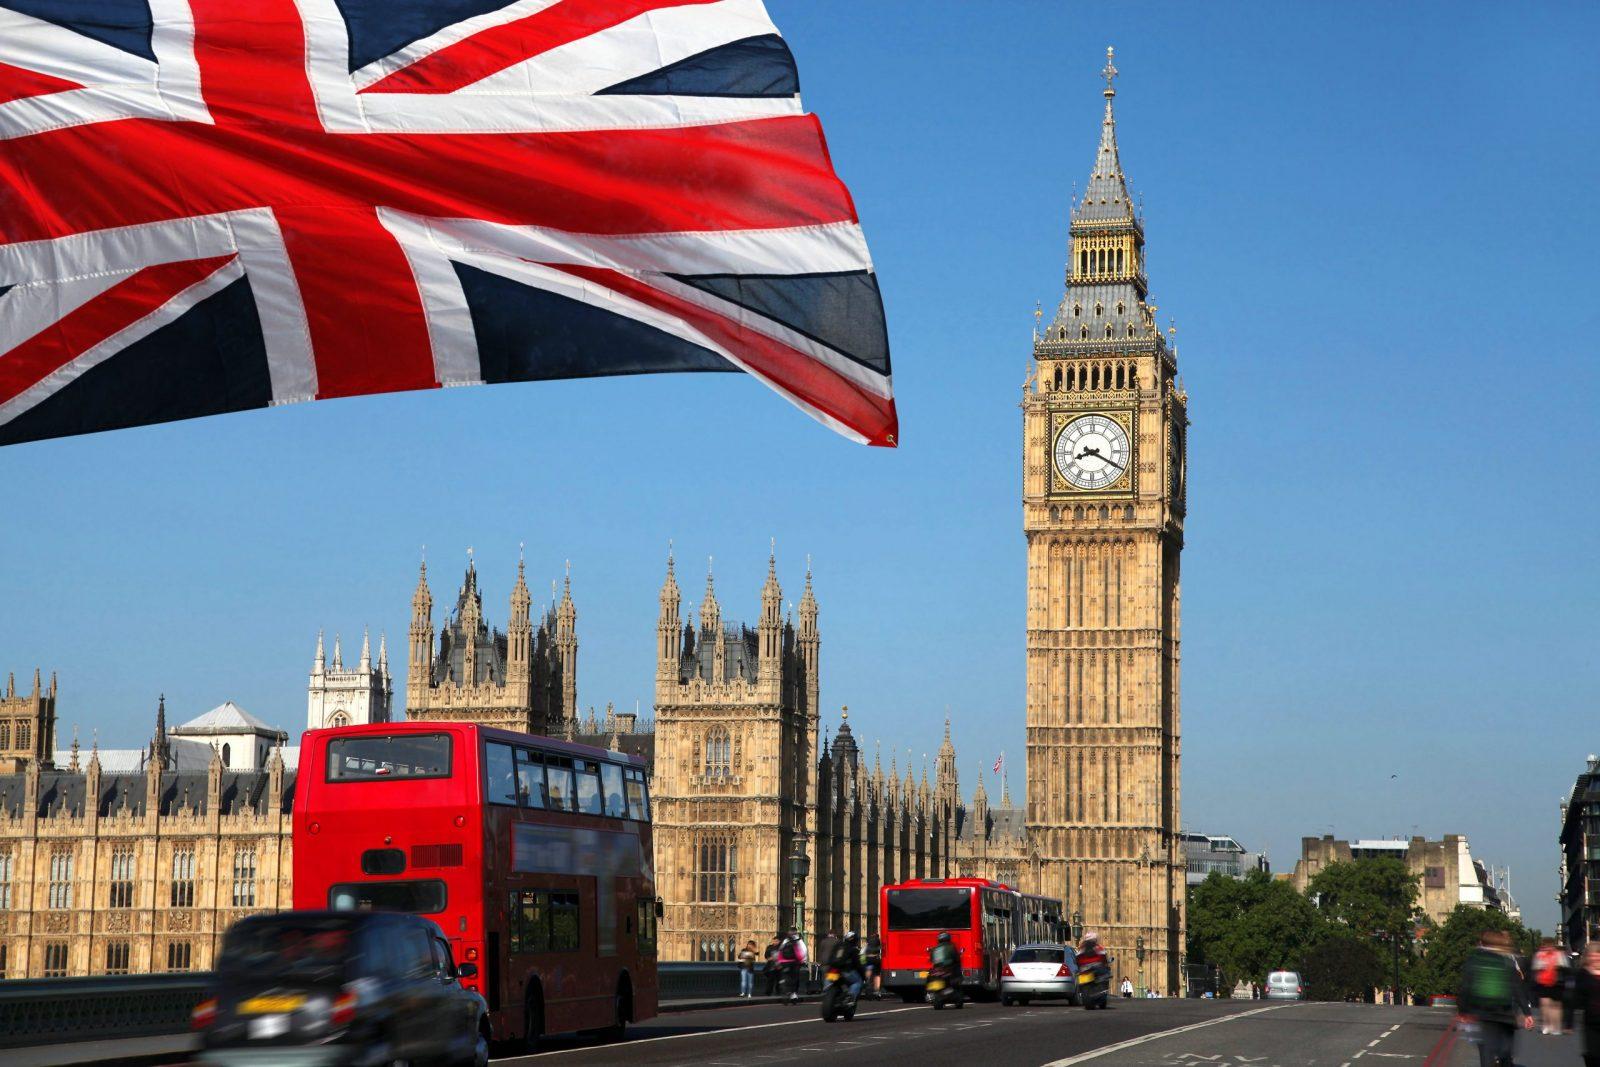 Британия выбыла из ТОП-5 привлекательных стран для инвесторов